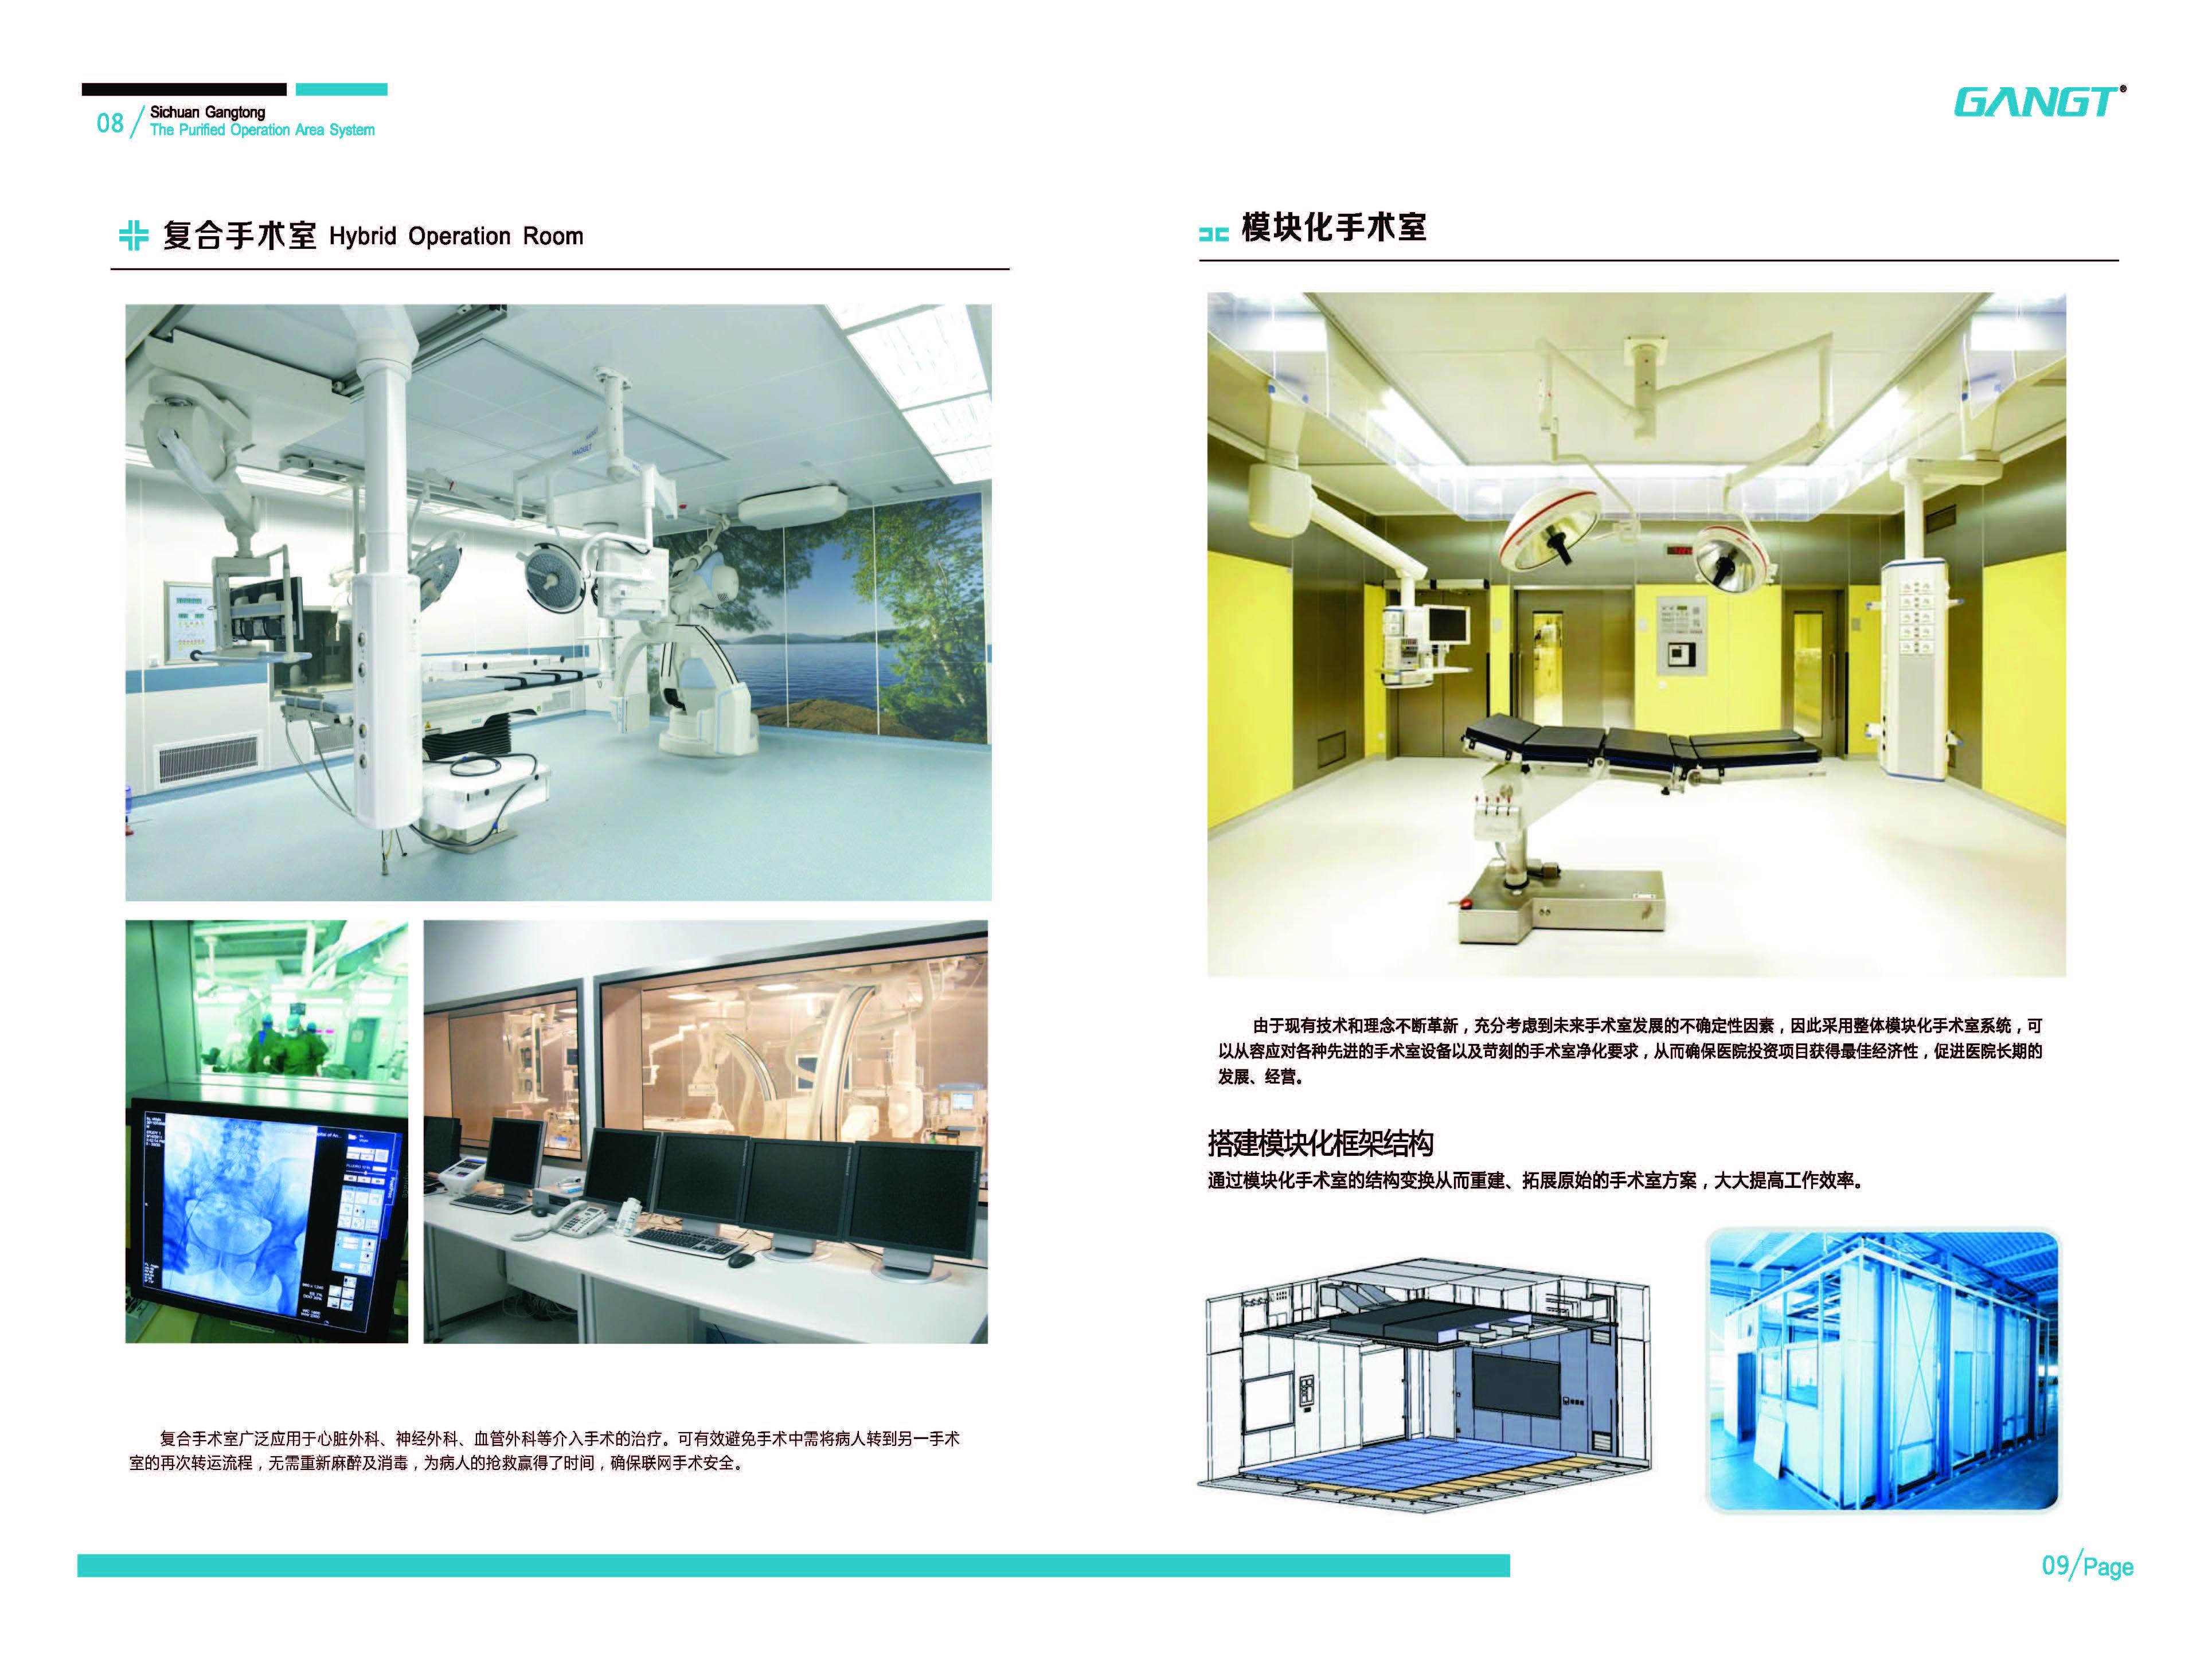 ag和记娱乐洁净手术部系统